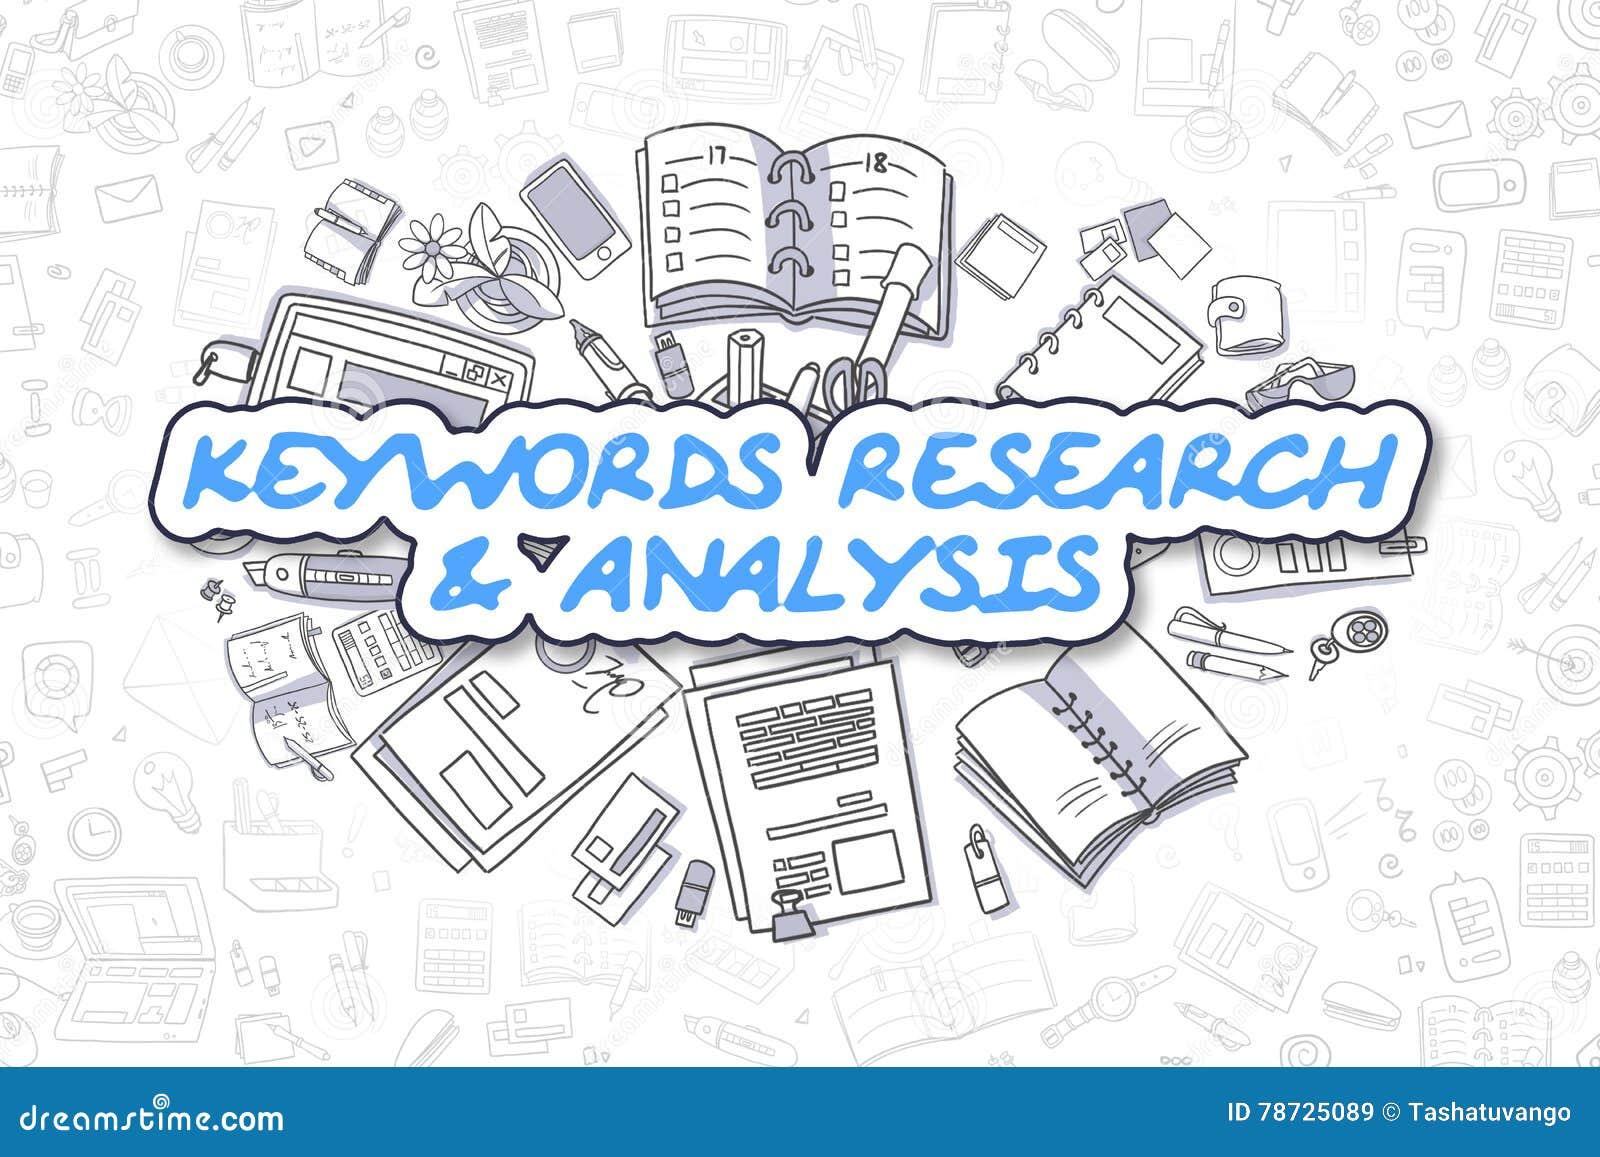 Nyckelord forskning och analys - affärsidé